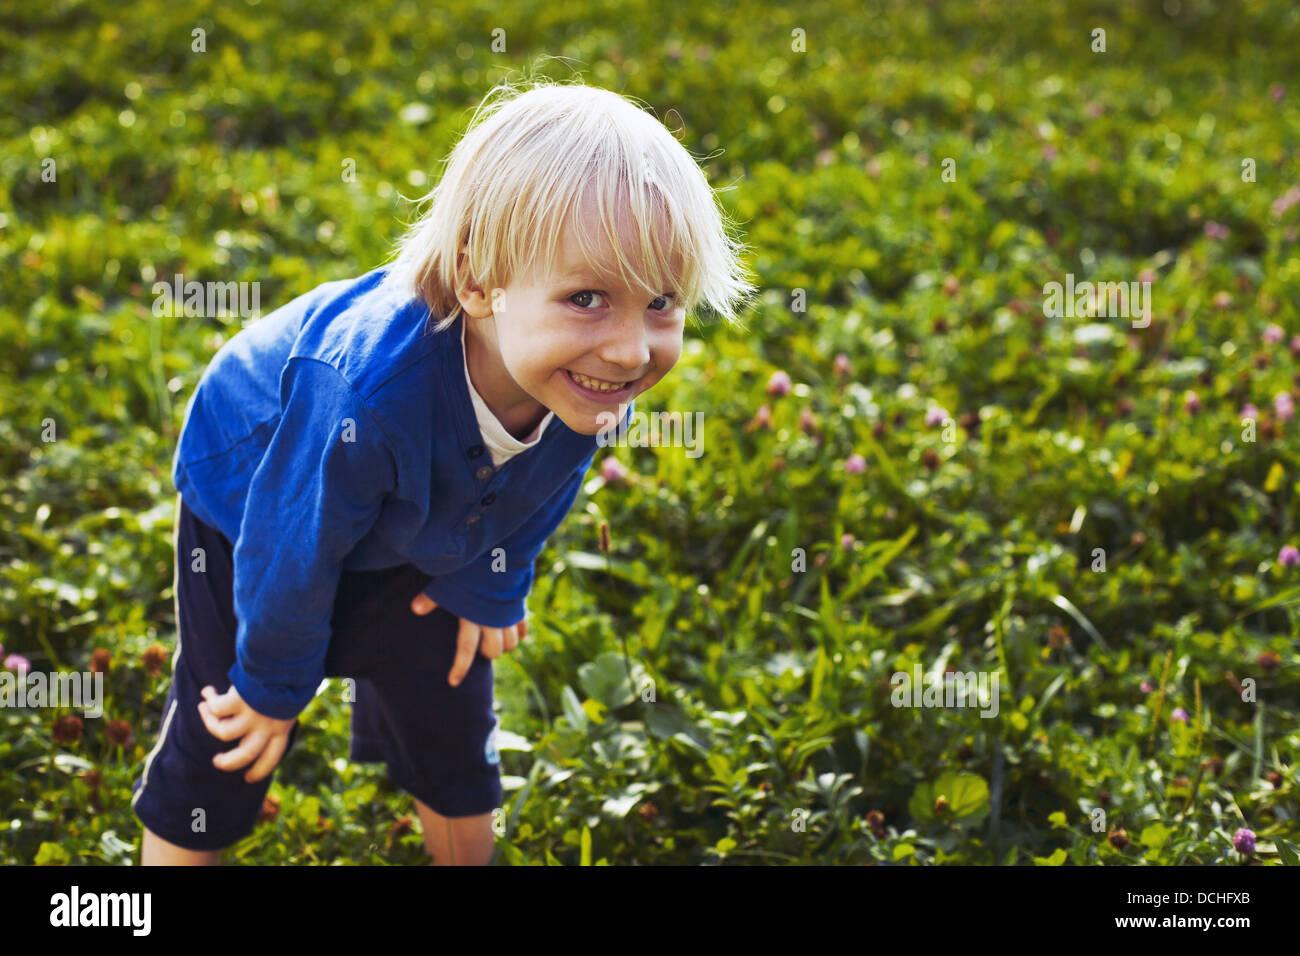 Carino furbo little boy all'aperto, Ritratto di bambino sorridente Immagini Stock